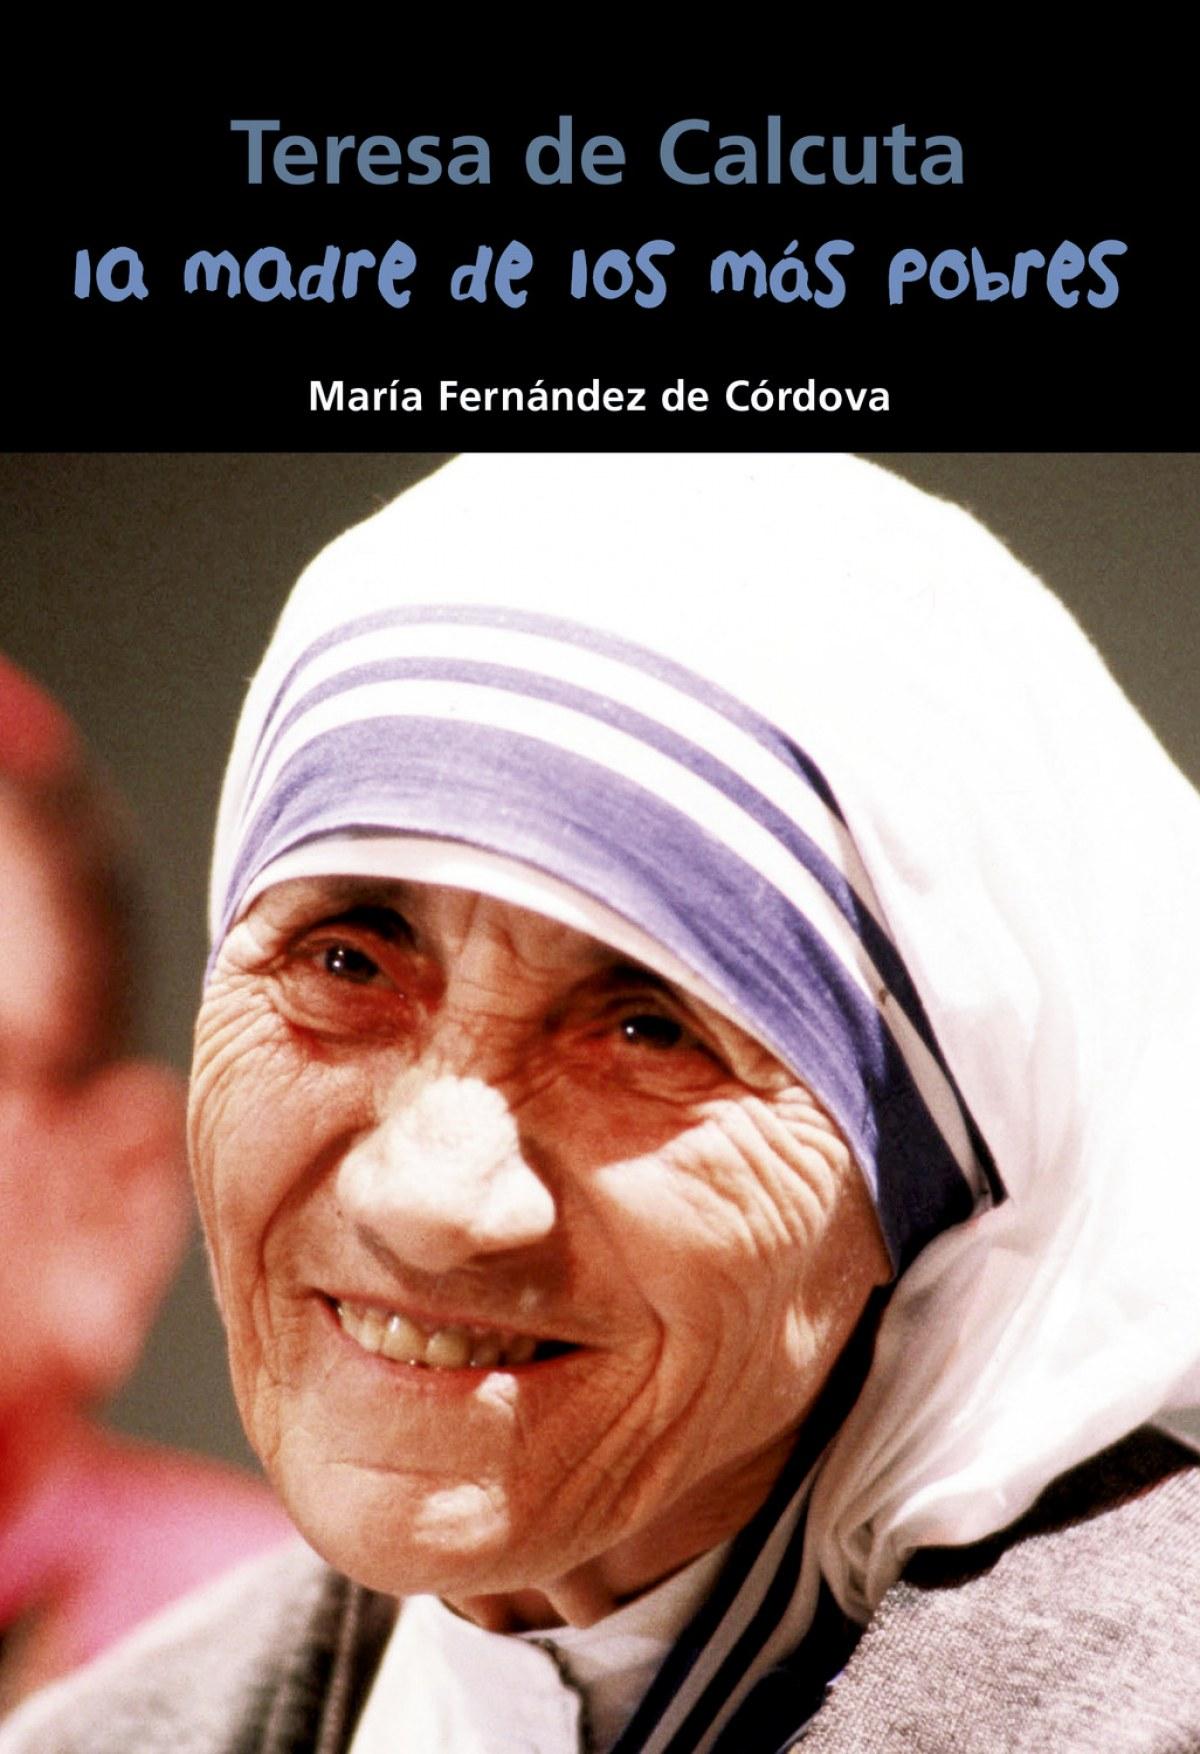 Madre de los más pobres, Teresa de Calcuta 9788421849545